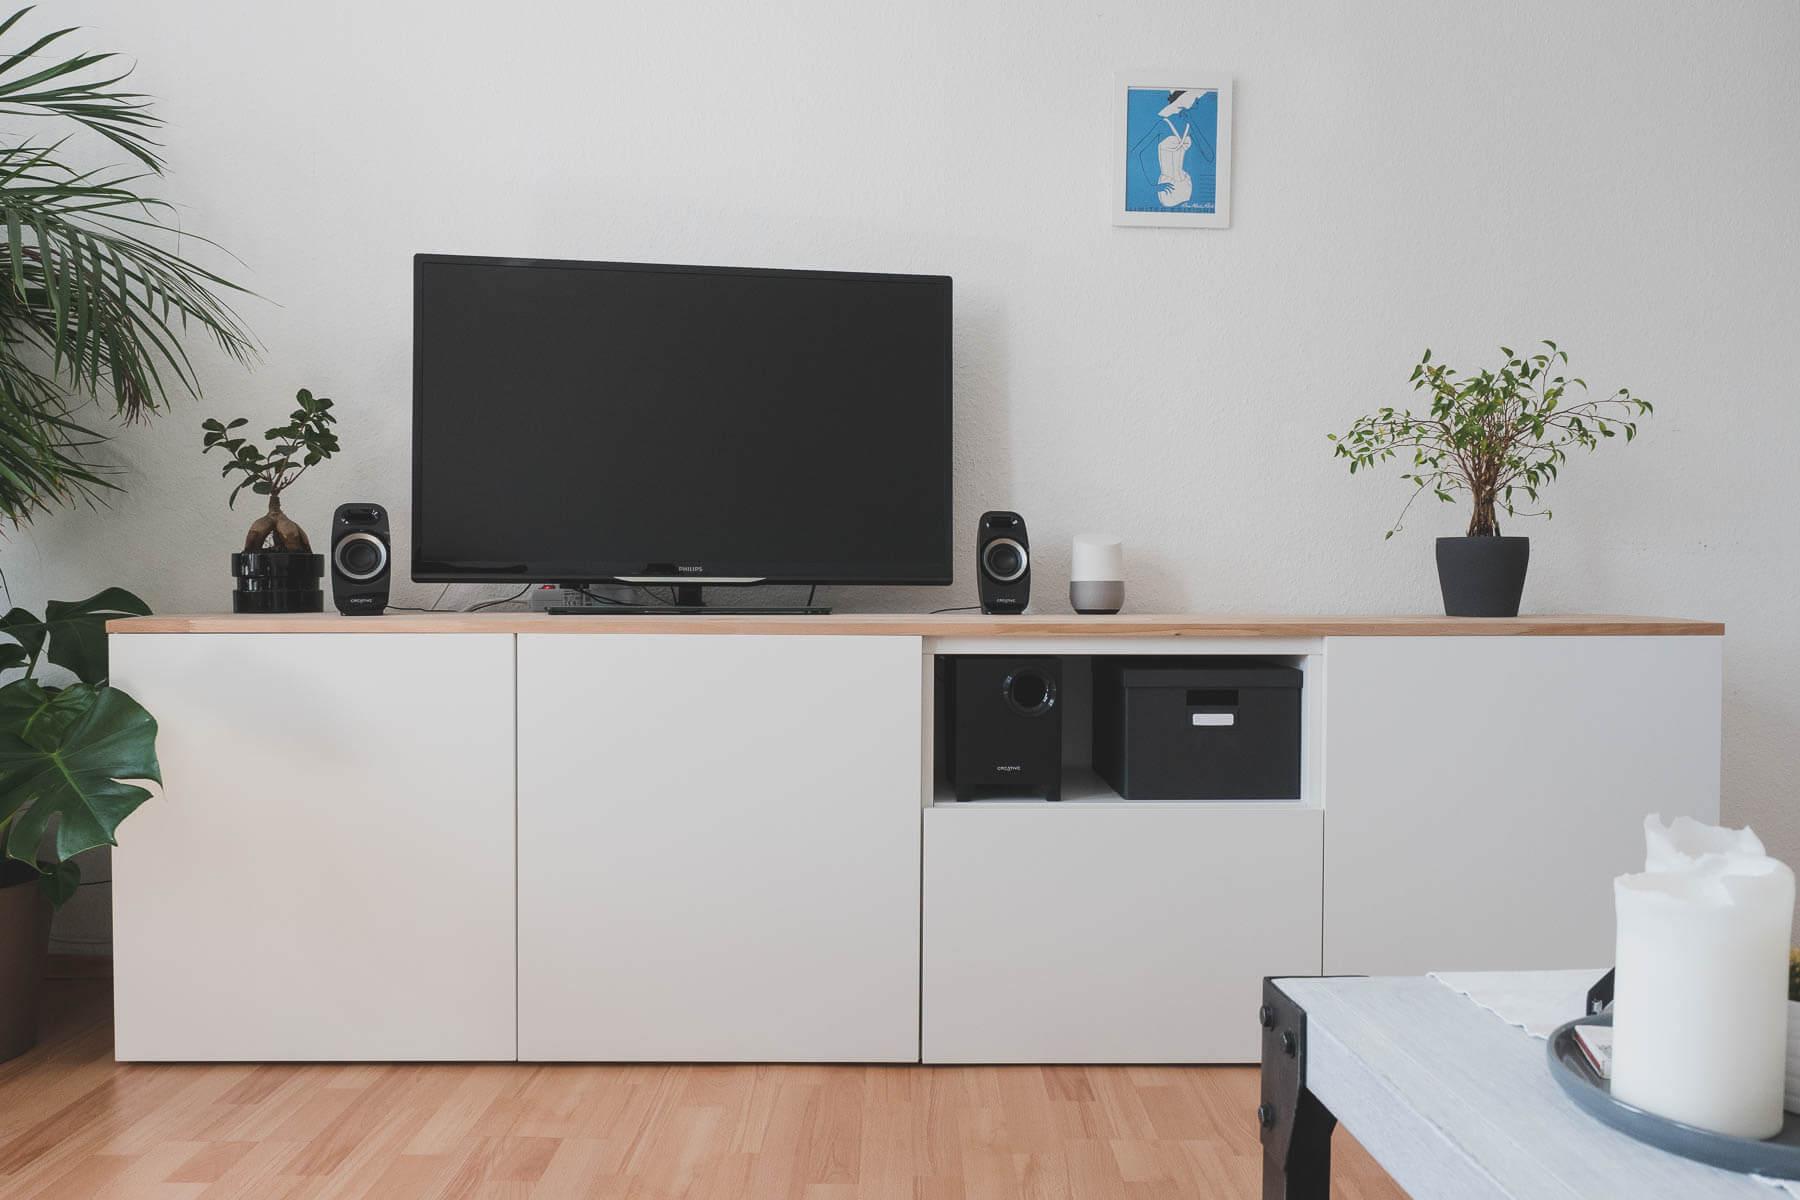 Full Size of Ikea Best Diy Sideboard Frs Wohnzimmer Küche Kaufen Kosten Mit Arbeitsplatte Modulküche Miniküche Betten Bei Sofa Schlaffunktion 160x200 Wohnzimmer Sideboard Ikea